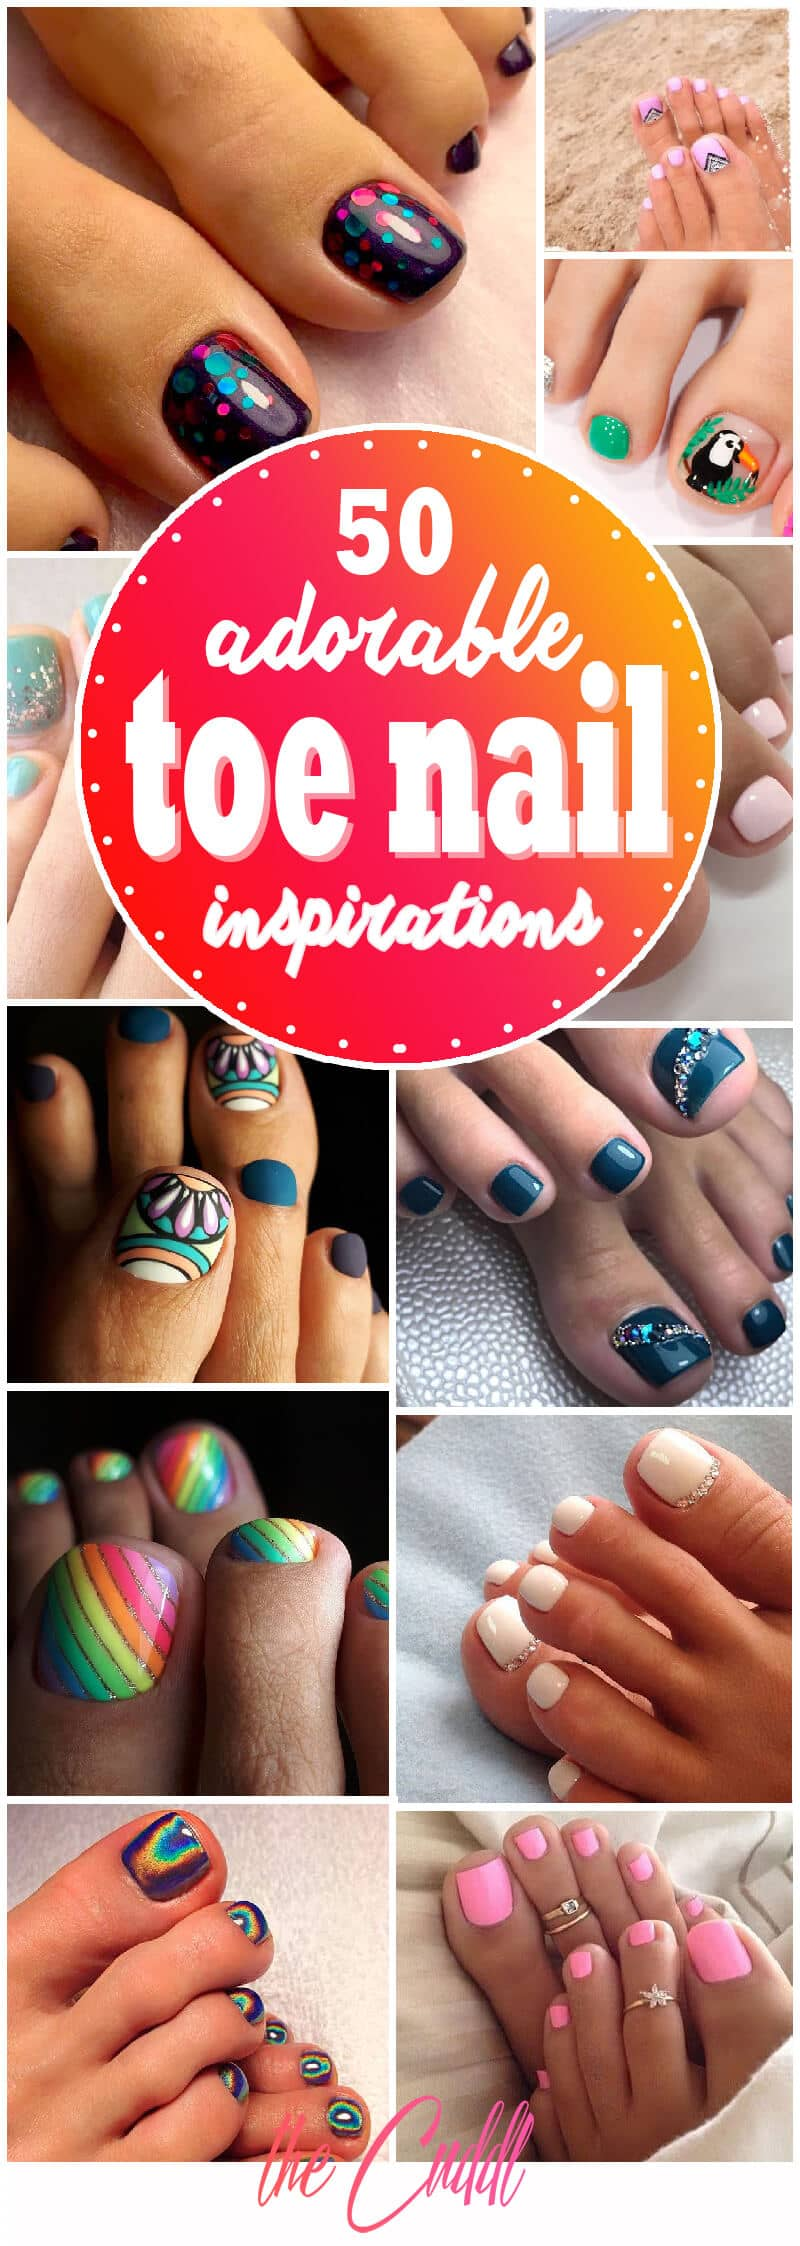 Summer Nail Colors 2018 Toes